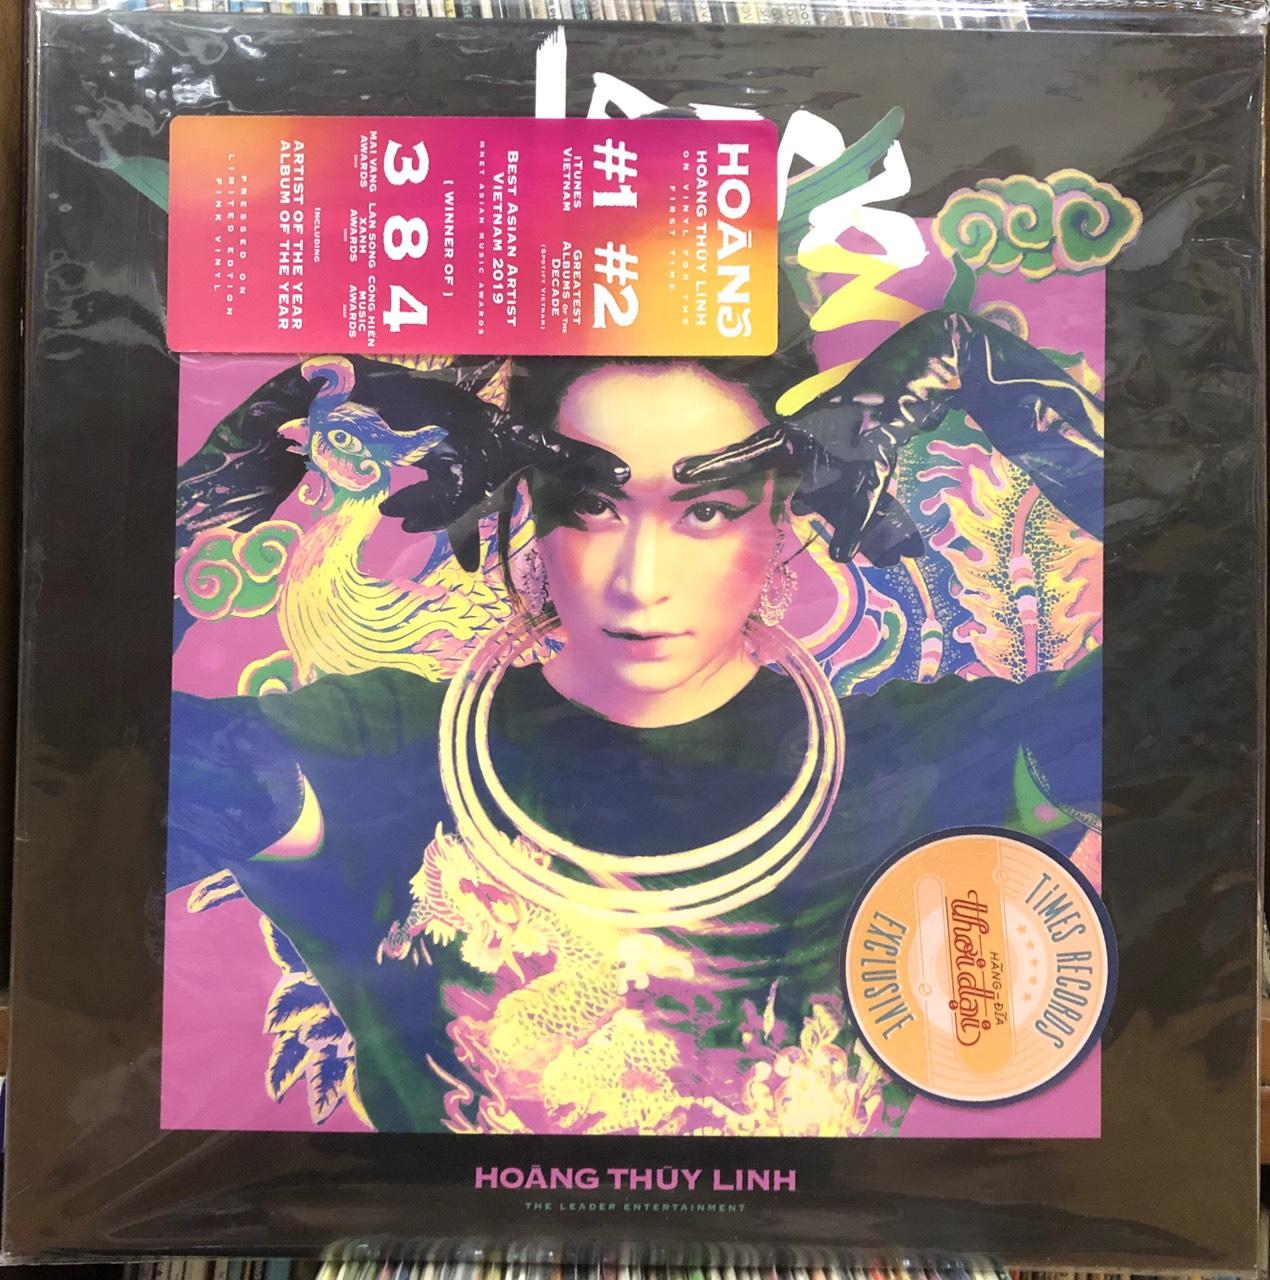 dia-than-hoang-thuy-linh-hoang-d-l-x-bonus-track-limited-color-vinyl-lp-phien-ba